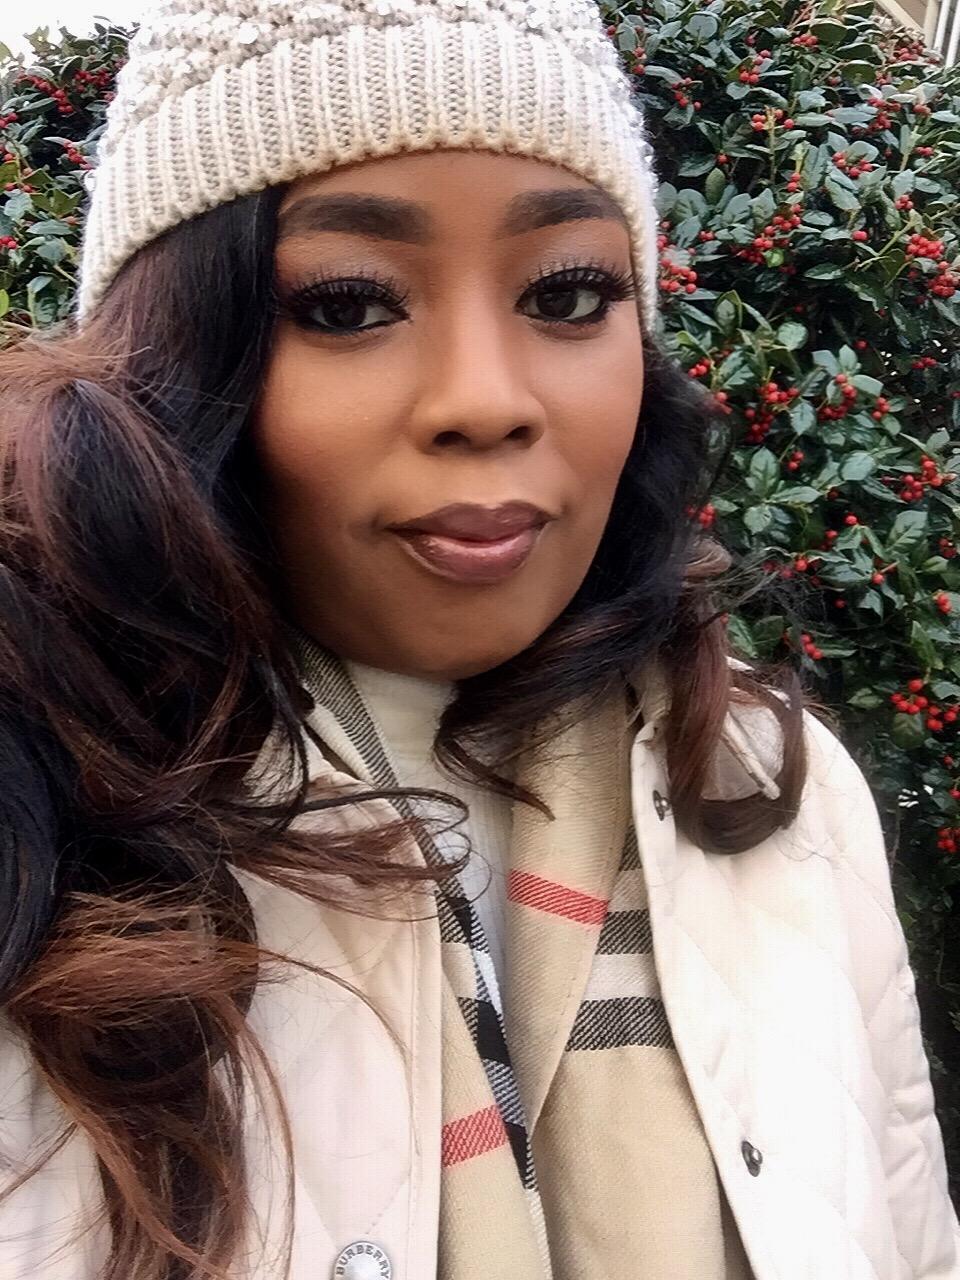 My Style: Burberry Jacket & Snow Beanie